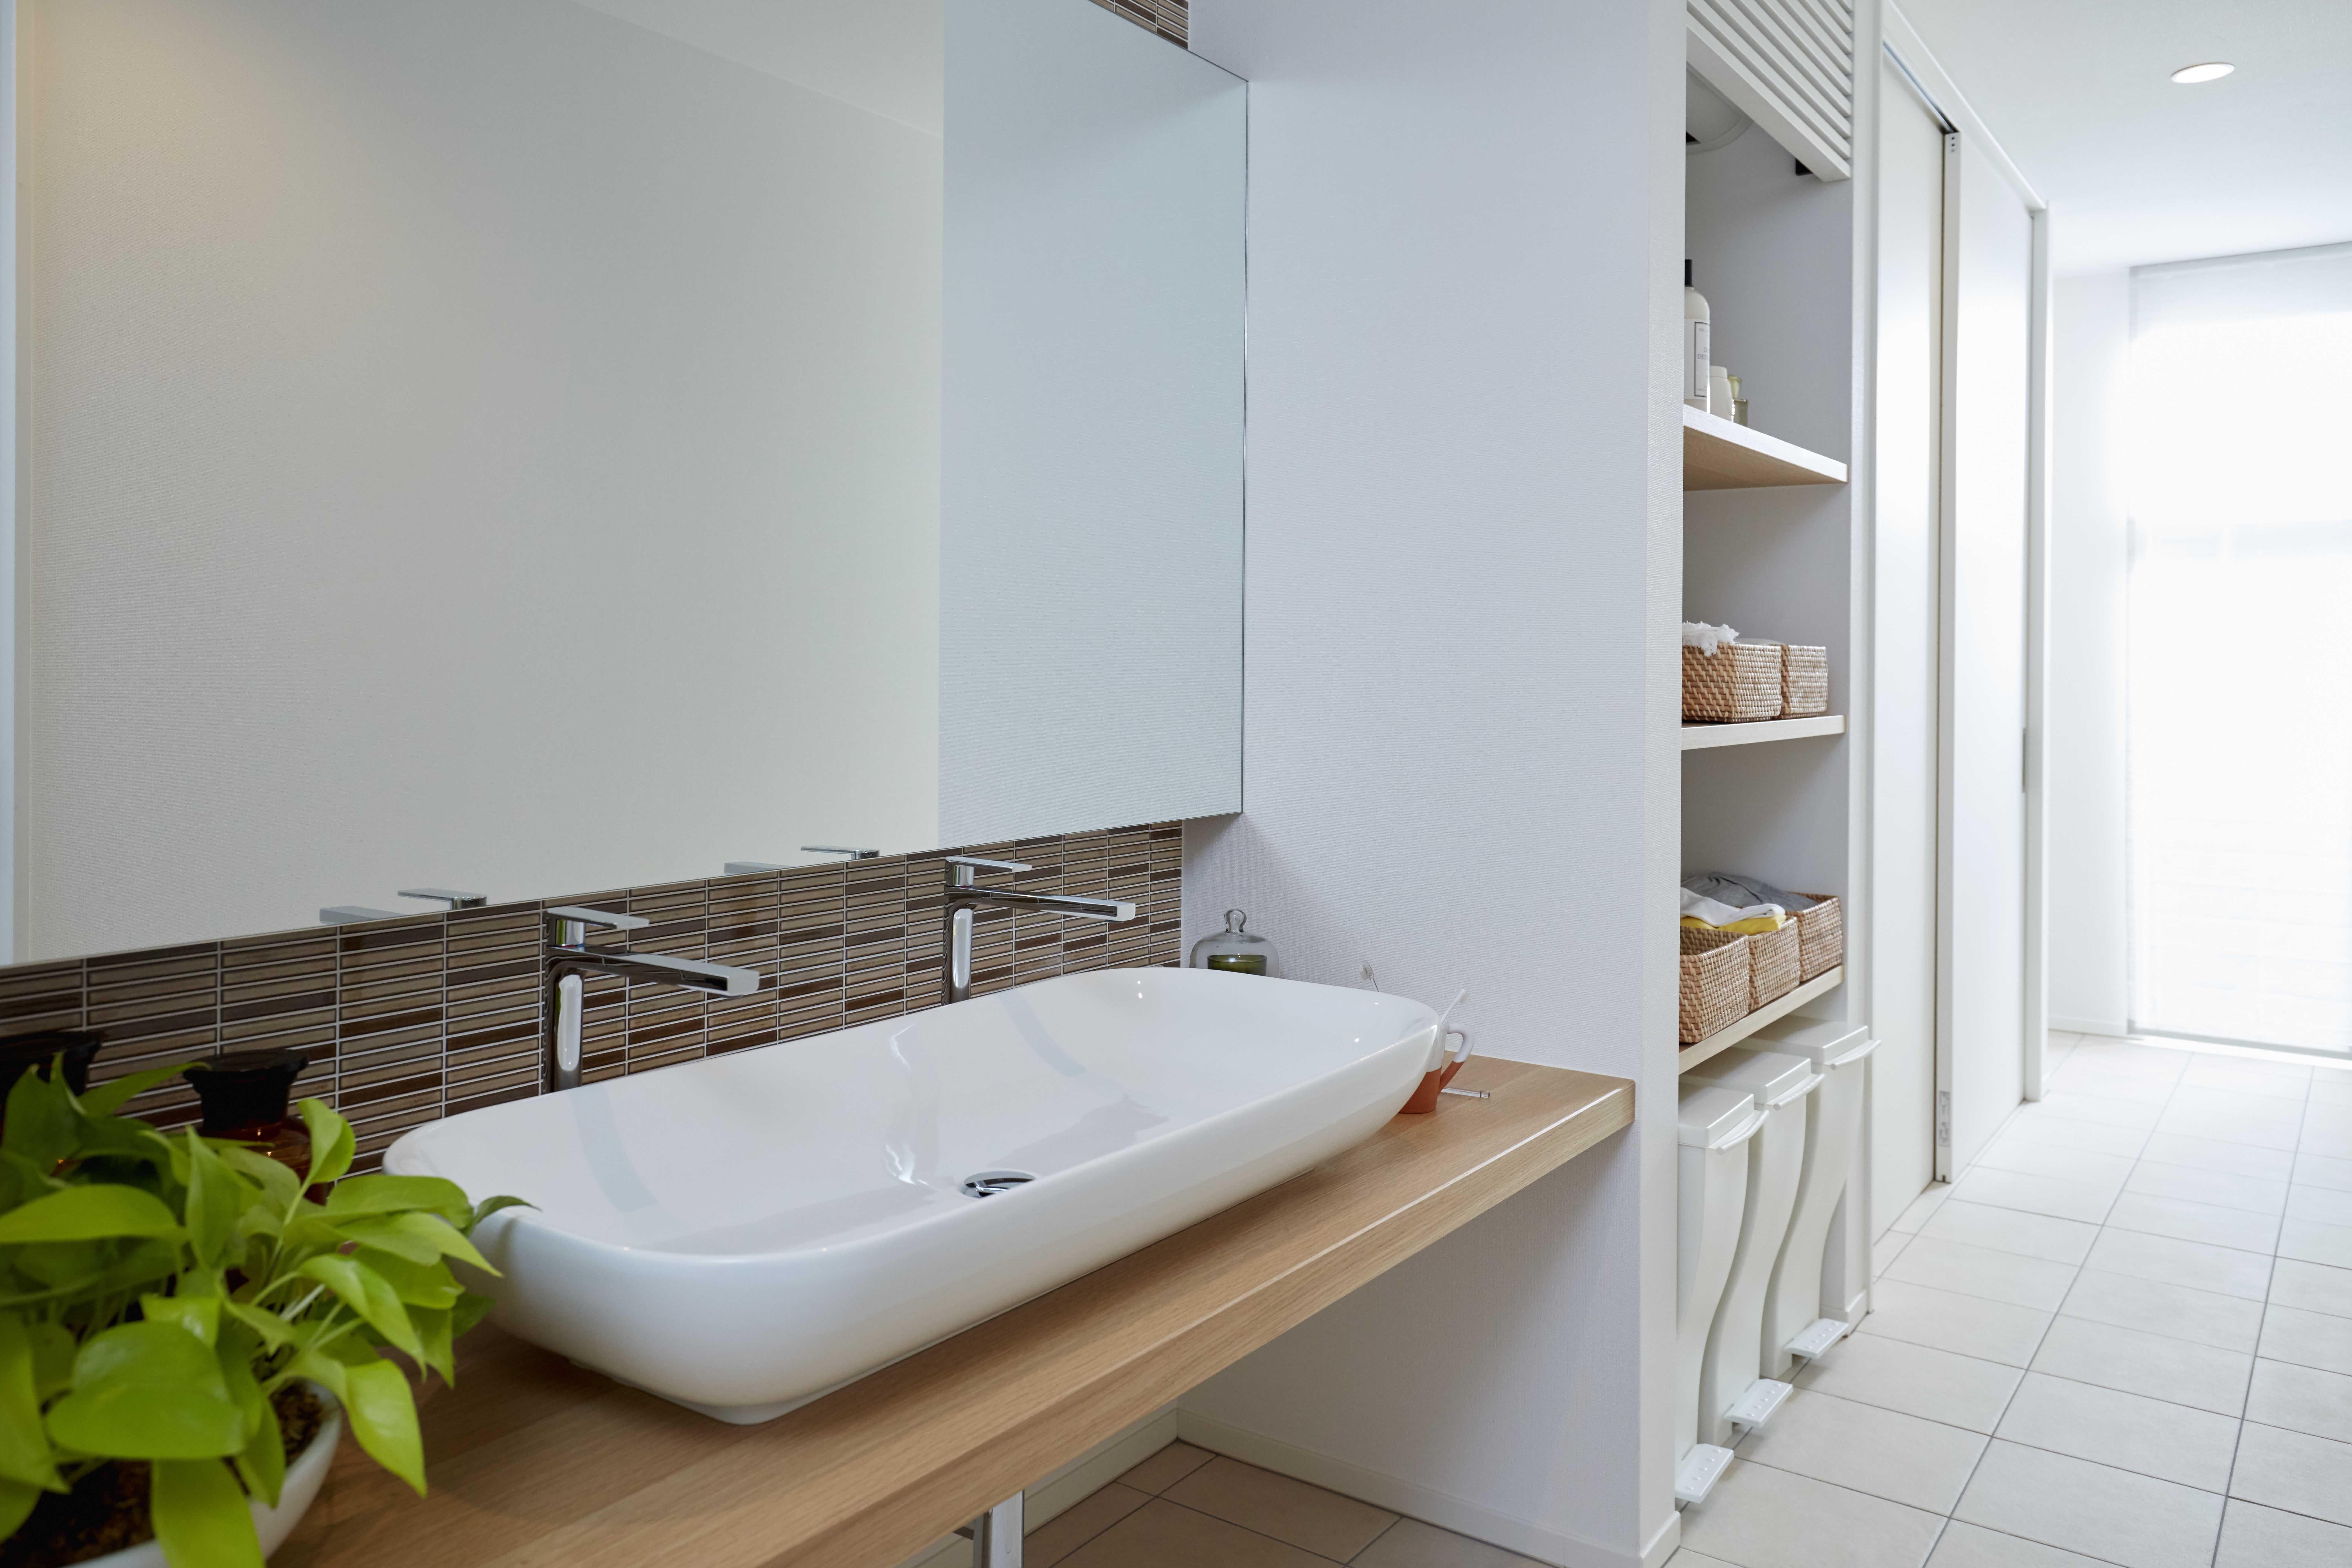 アキュラ、ウイルス排除の設計・設備盛り込んだ住宅発売